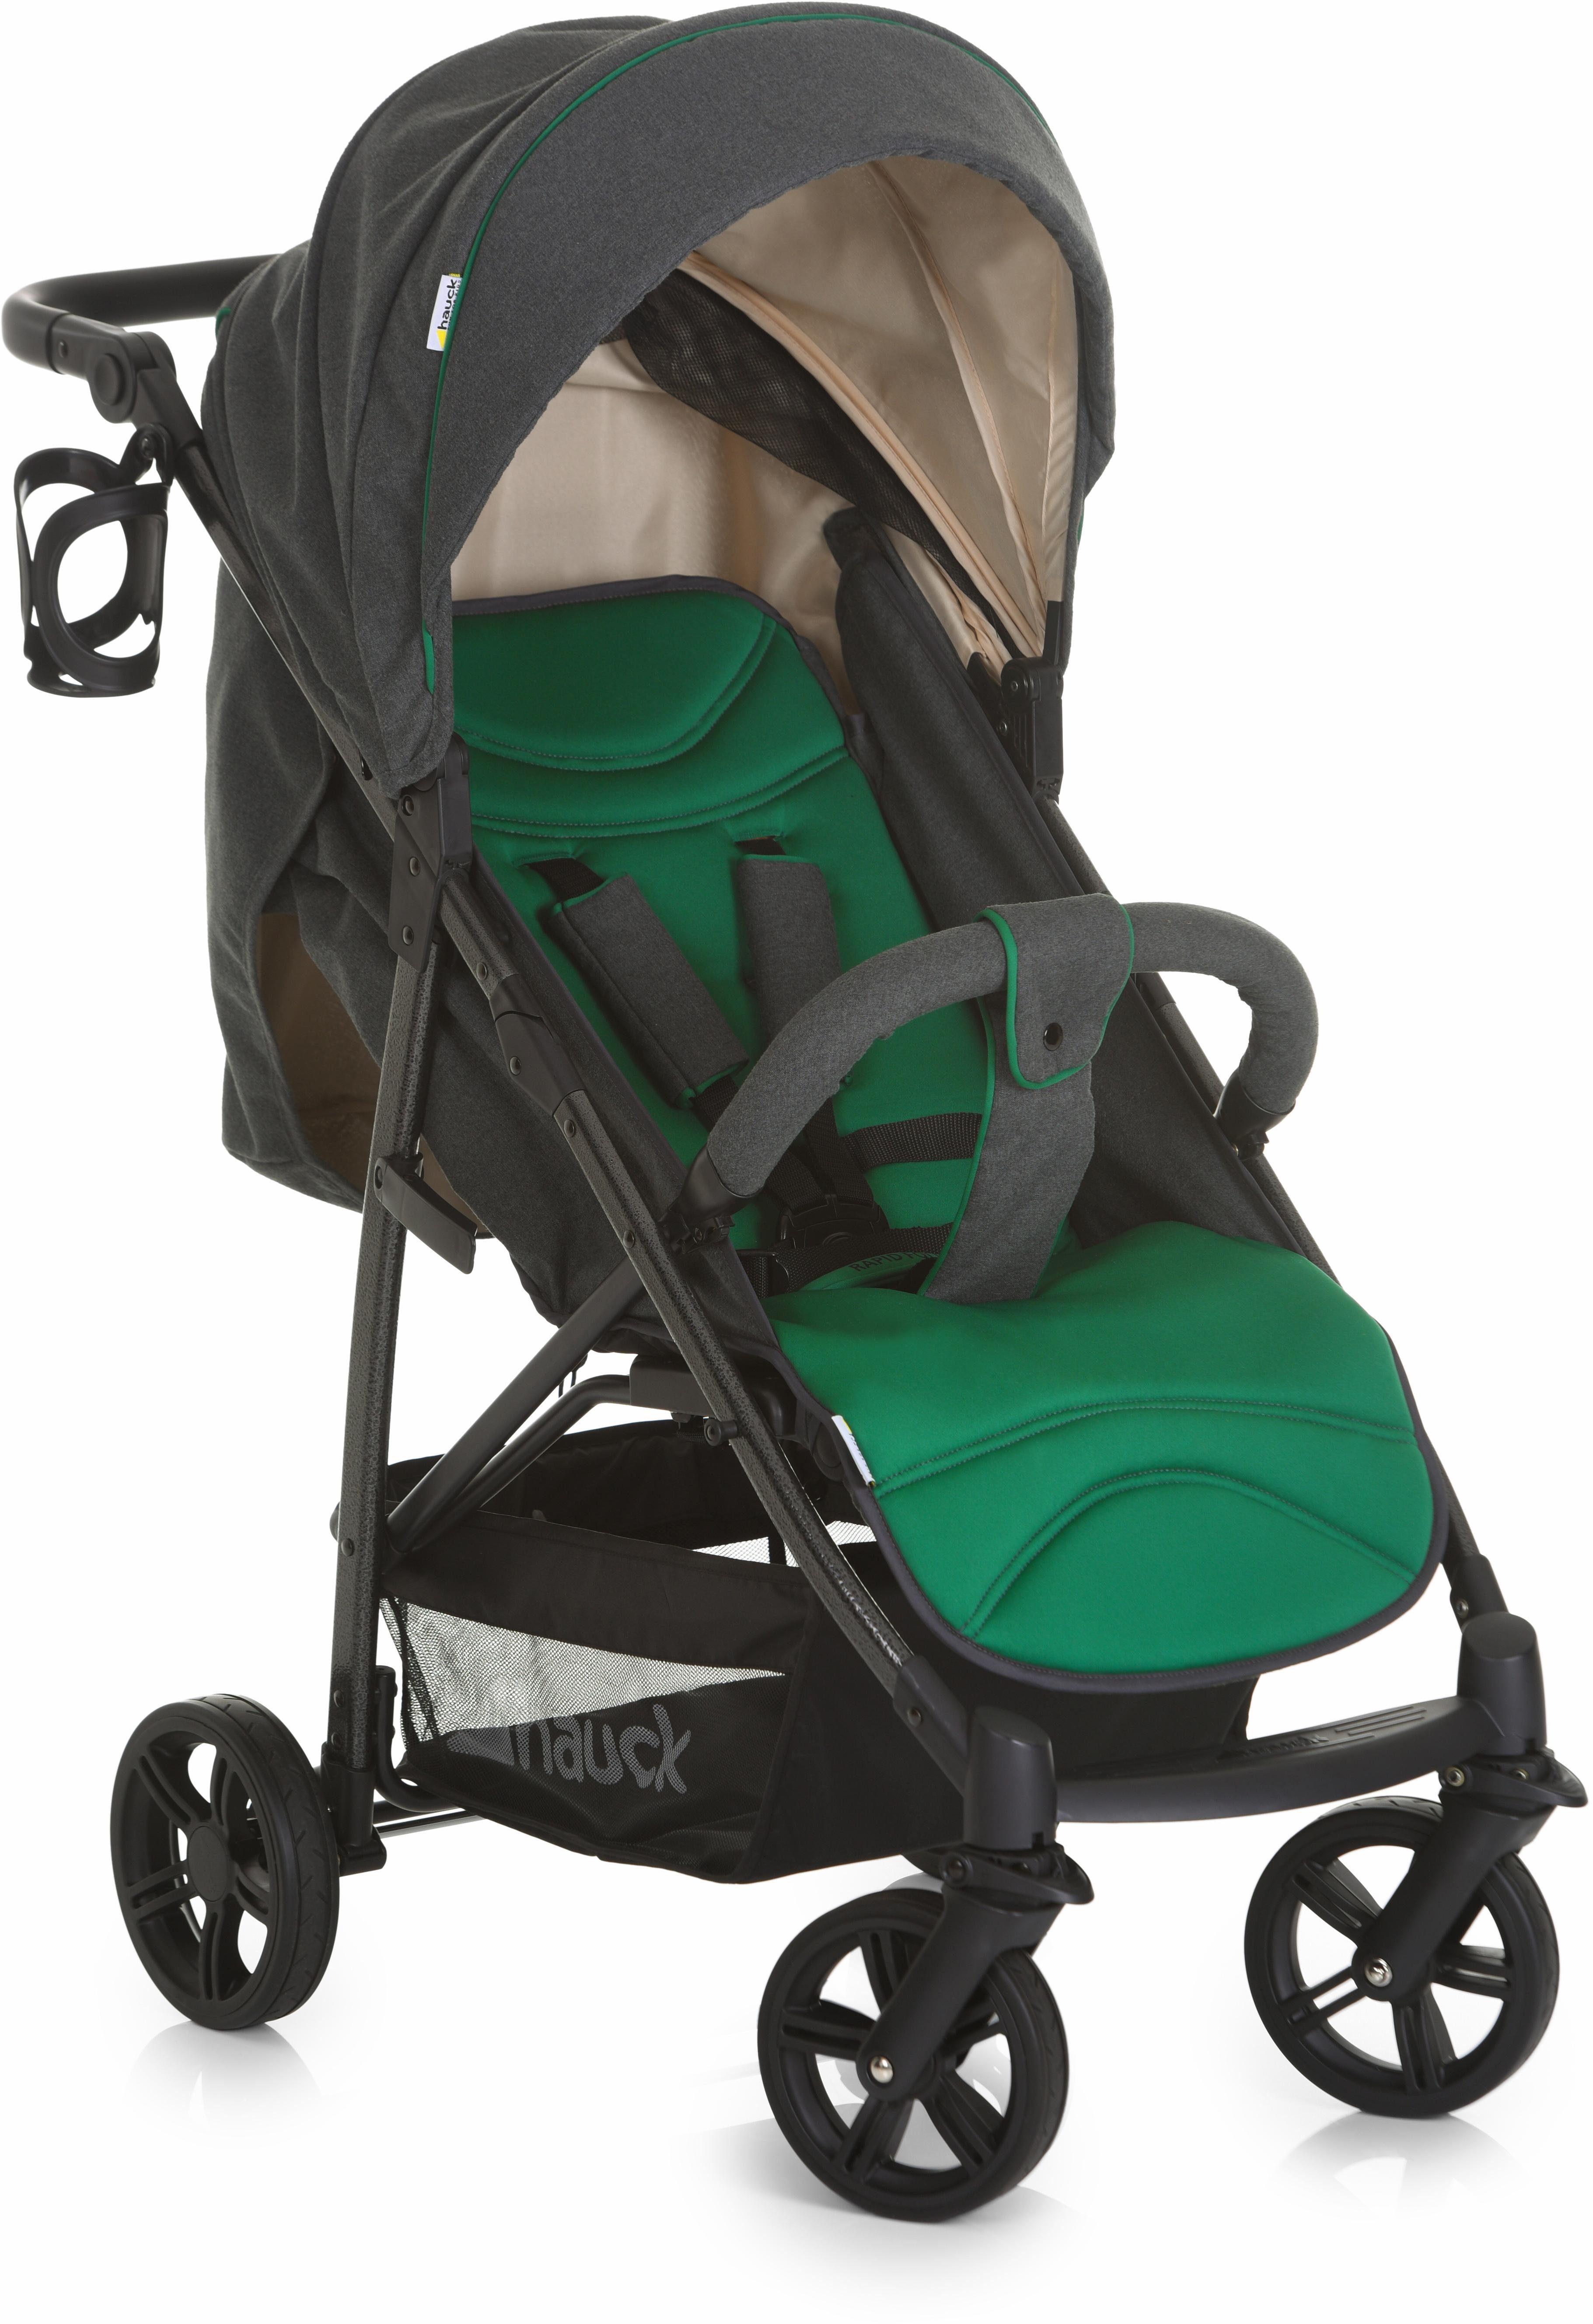 hauck FUN FOR KIDS Kinderwagen, »Rapid 4S Caviar/Emerald«